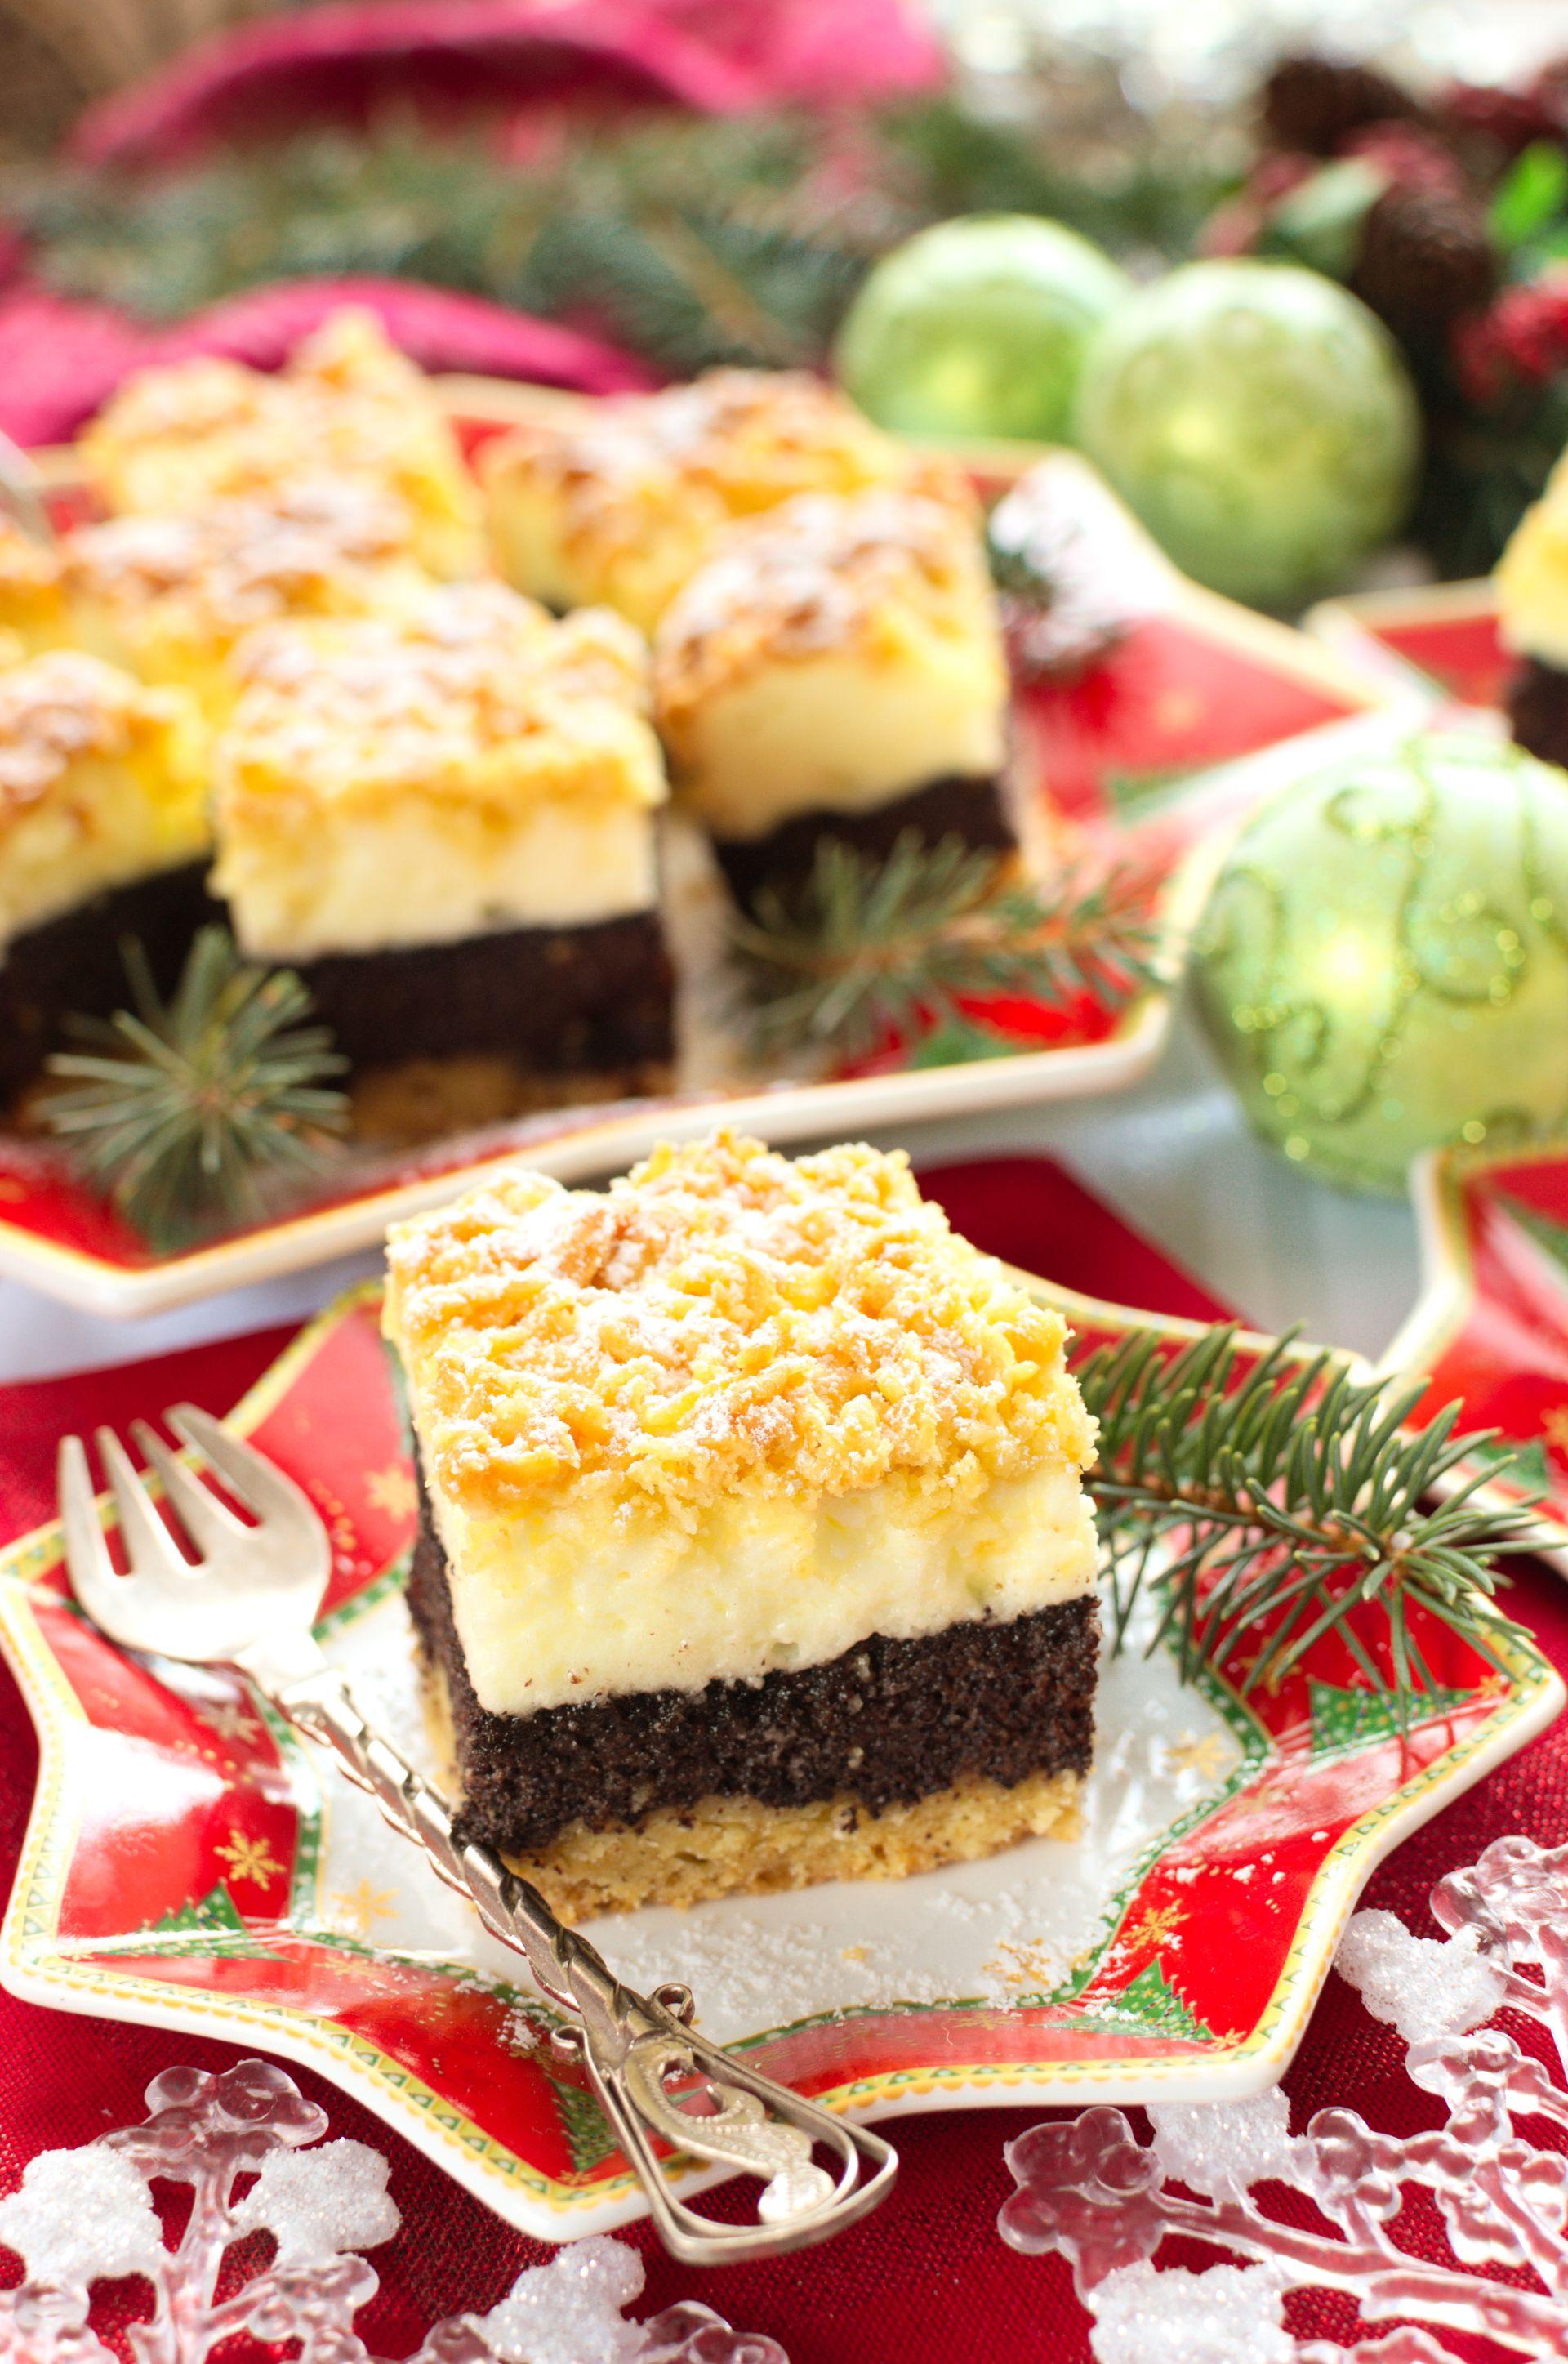 Kruche ciasto z makiem i budyniową pianką